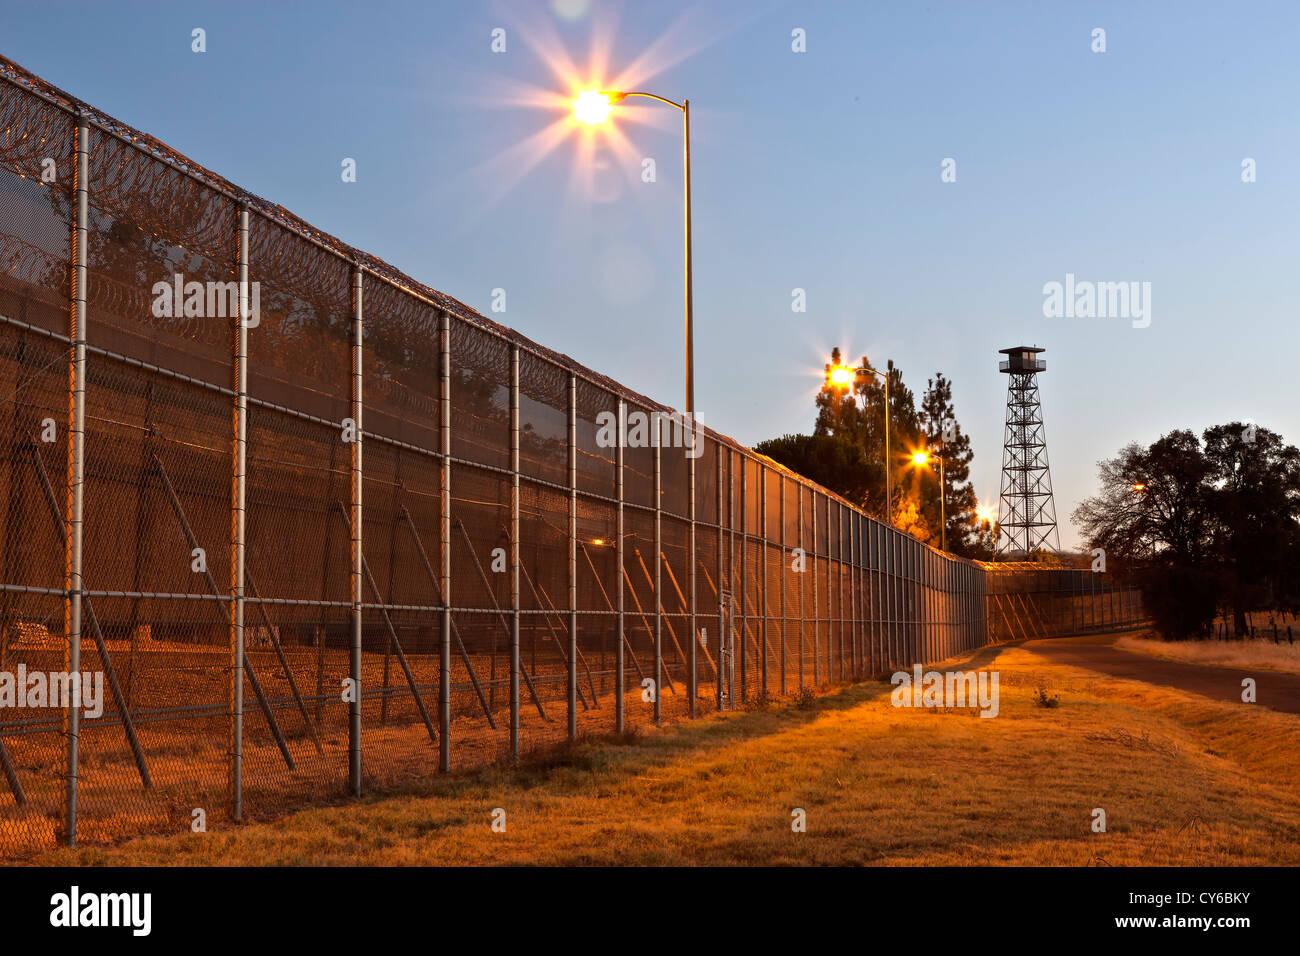 Gefängnis Sicherheitszaun, Turm, vor Sonnenaufgang. Stockbild